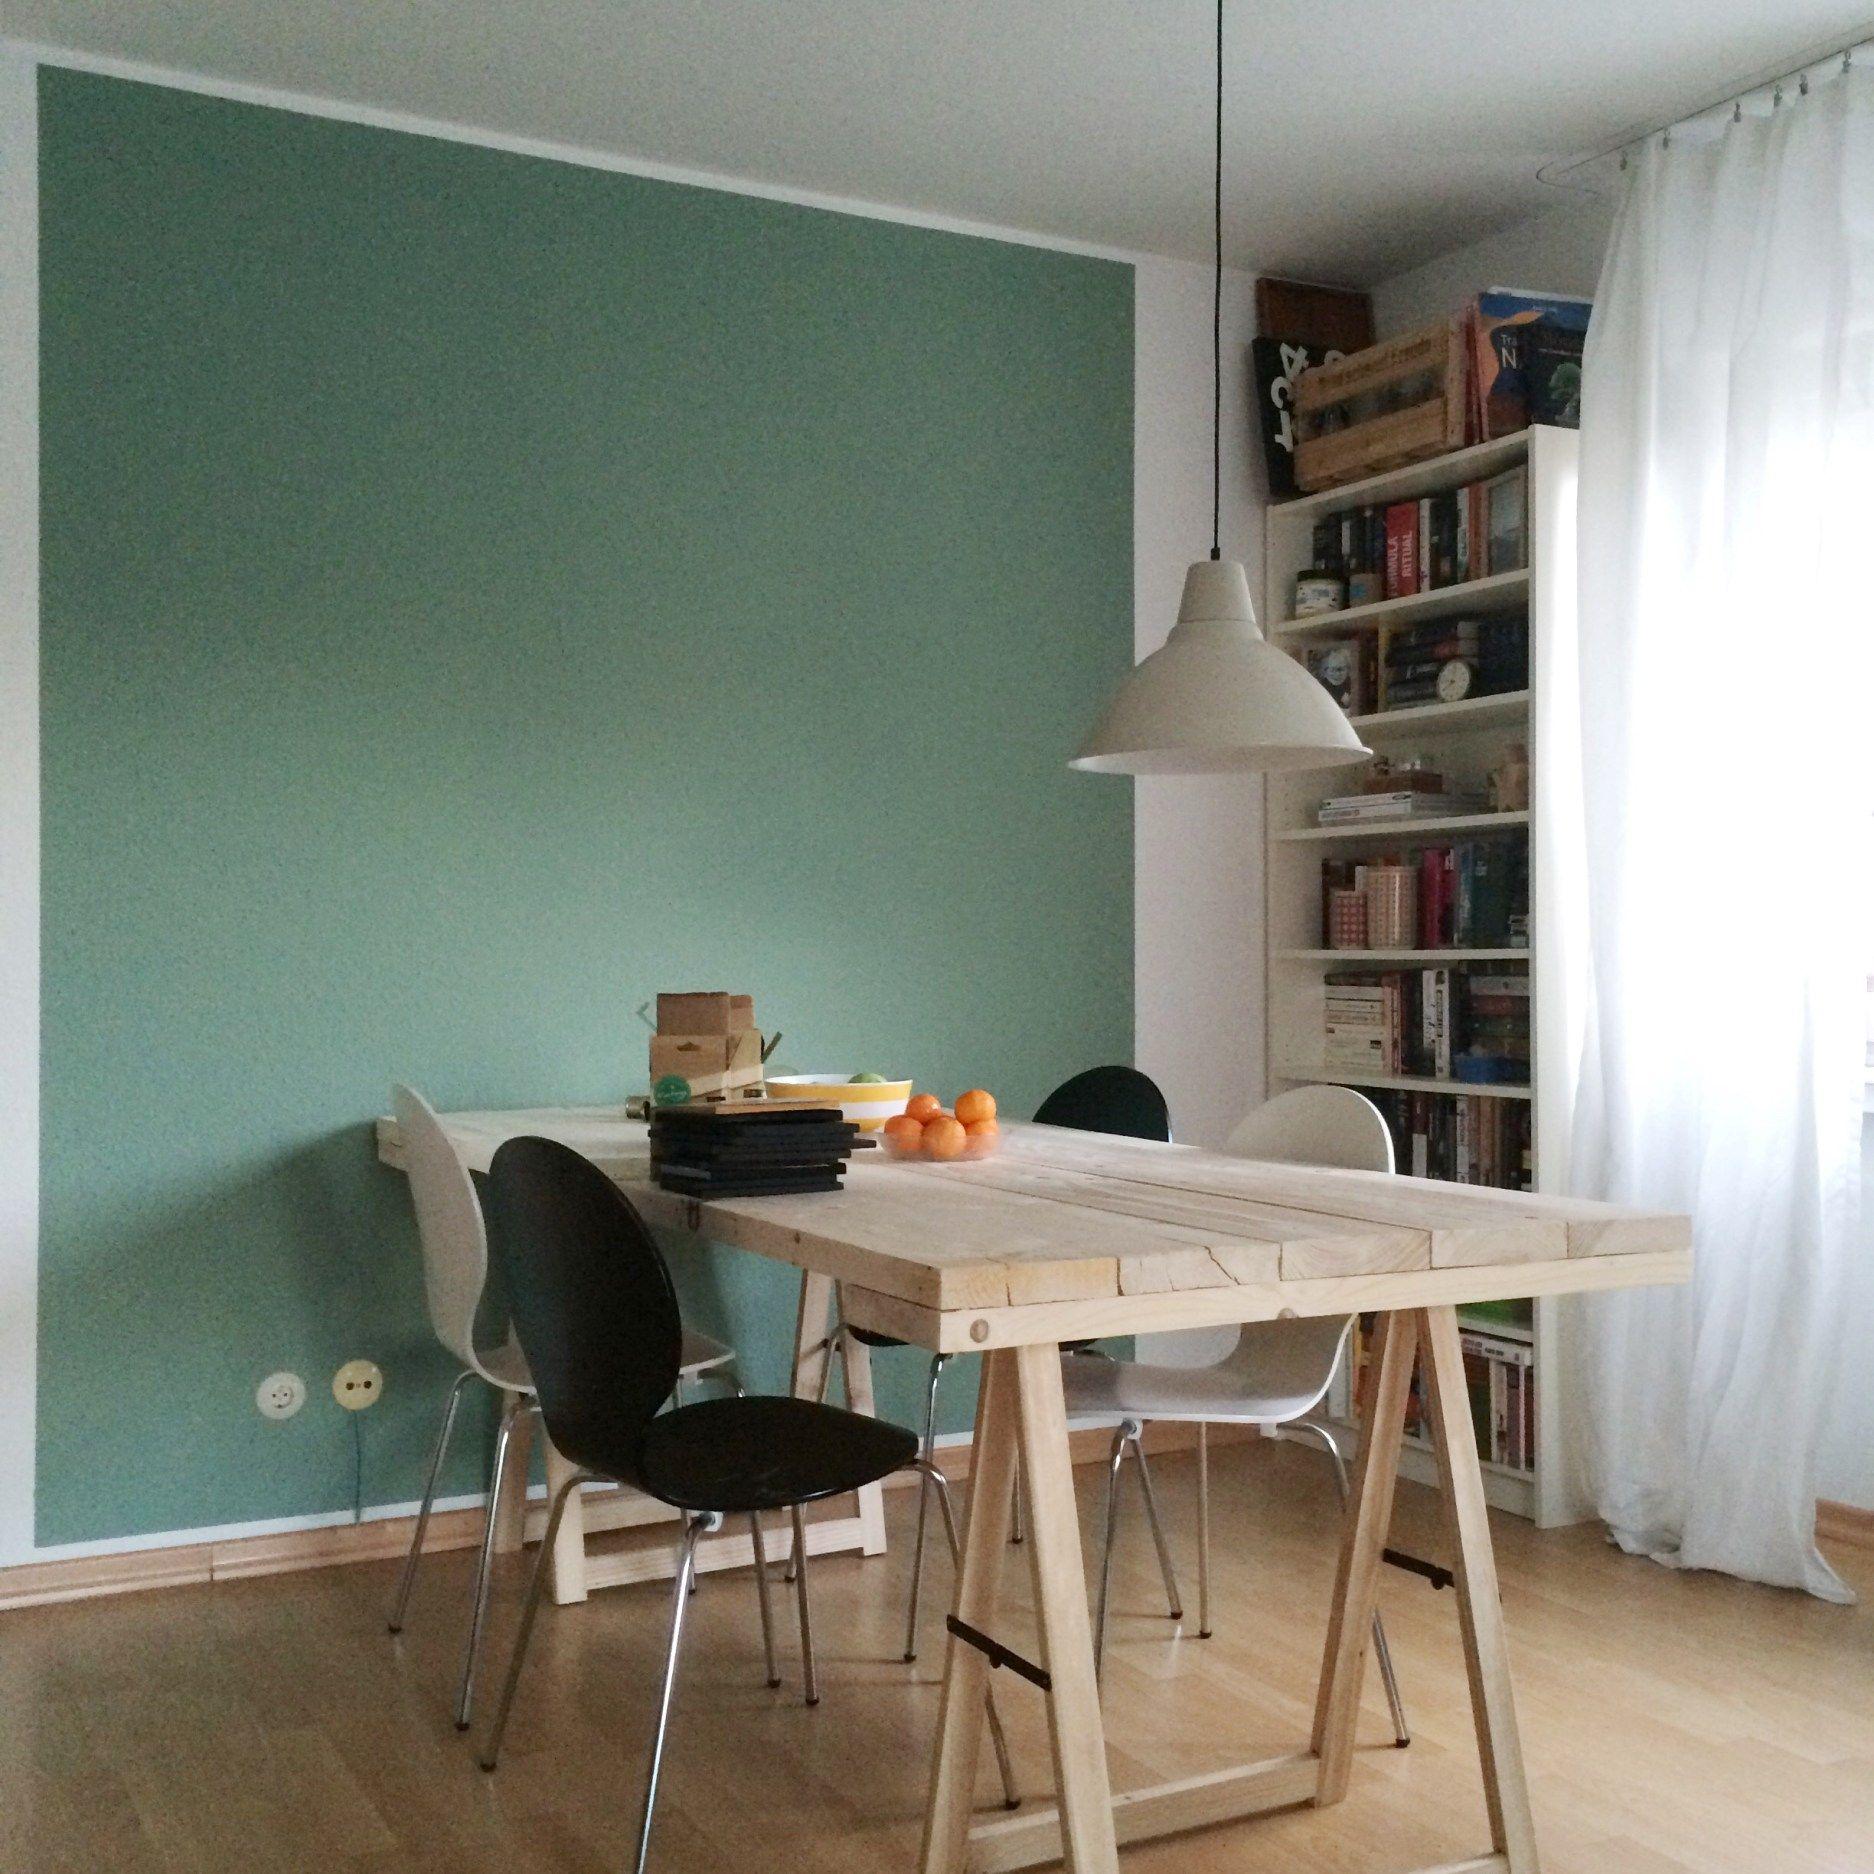 DIYProjekt Begleiter für den Baudielen Tisch Pt. 1